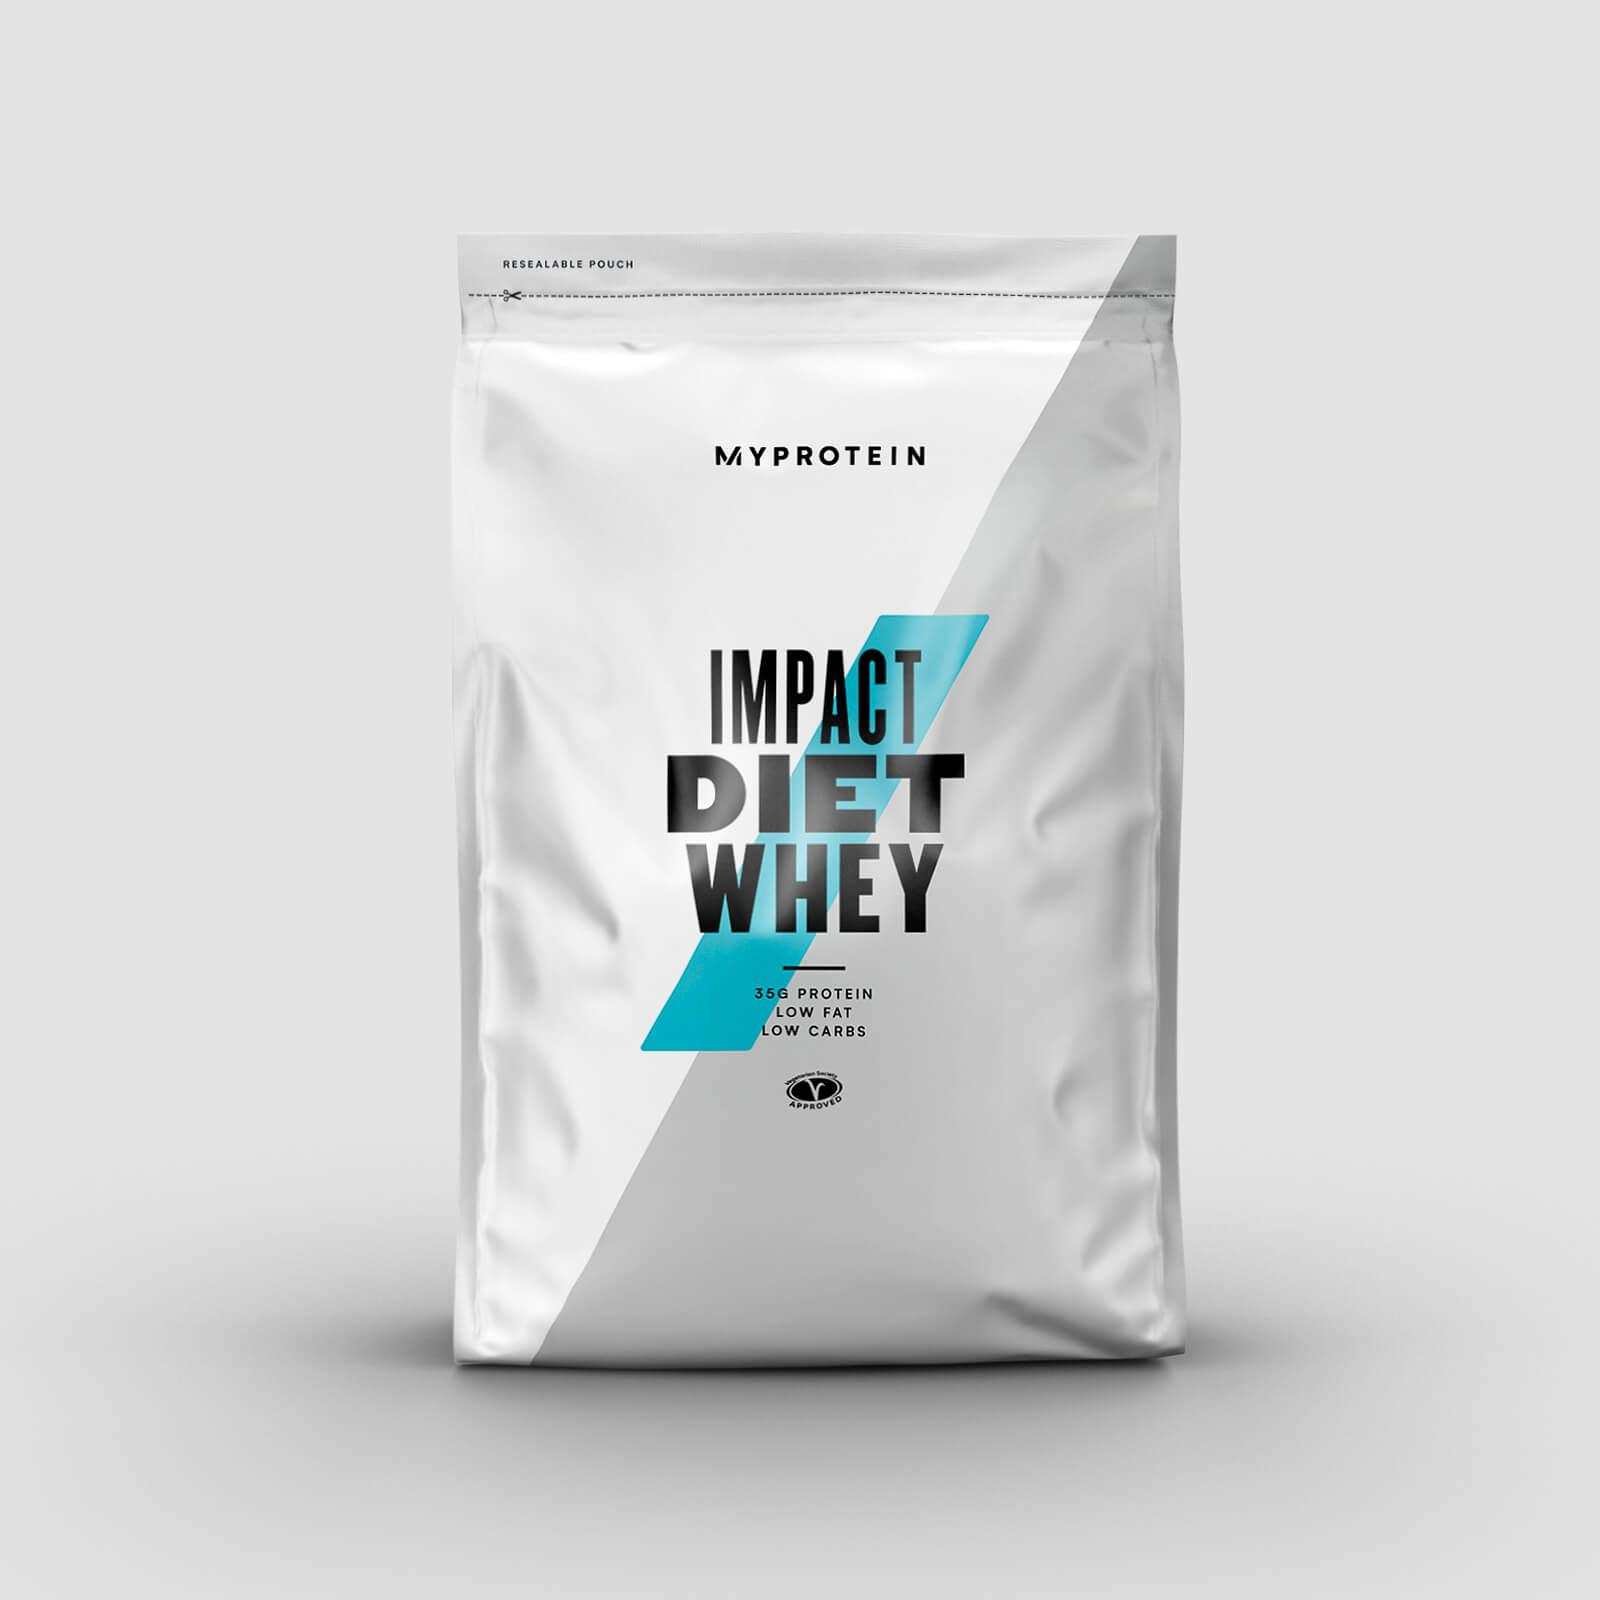 Myprotein Impact Diet Whey - 250g - Chocolat